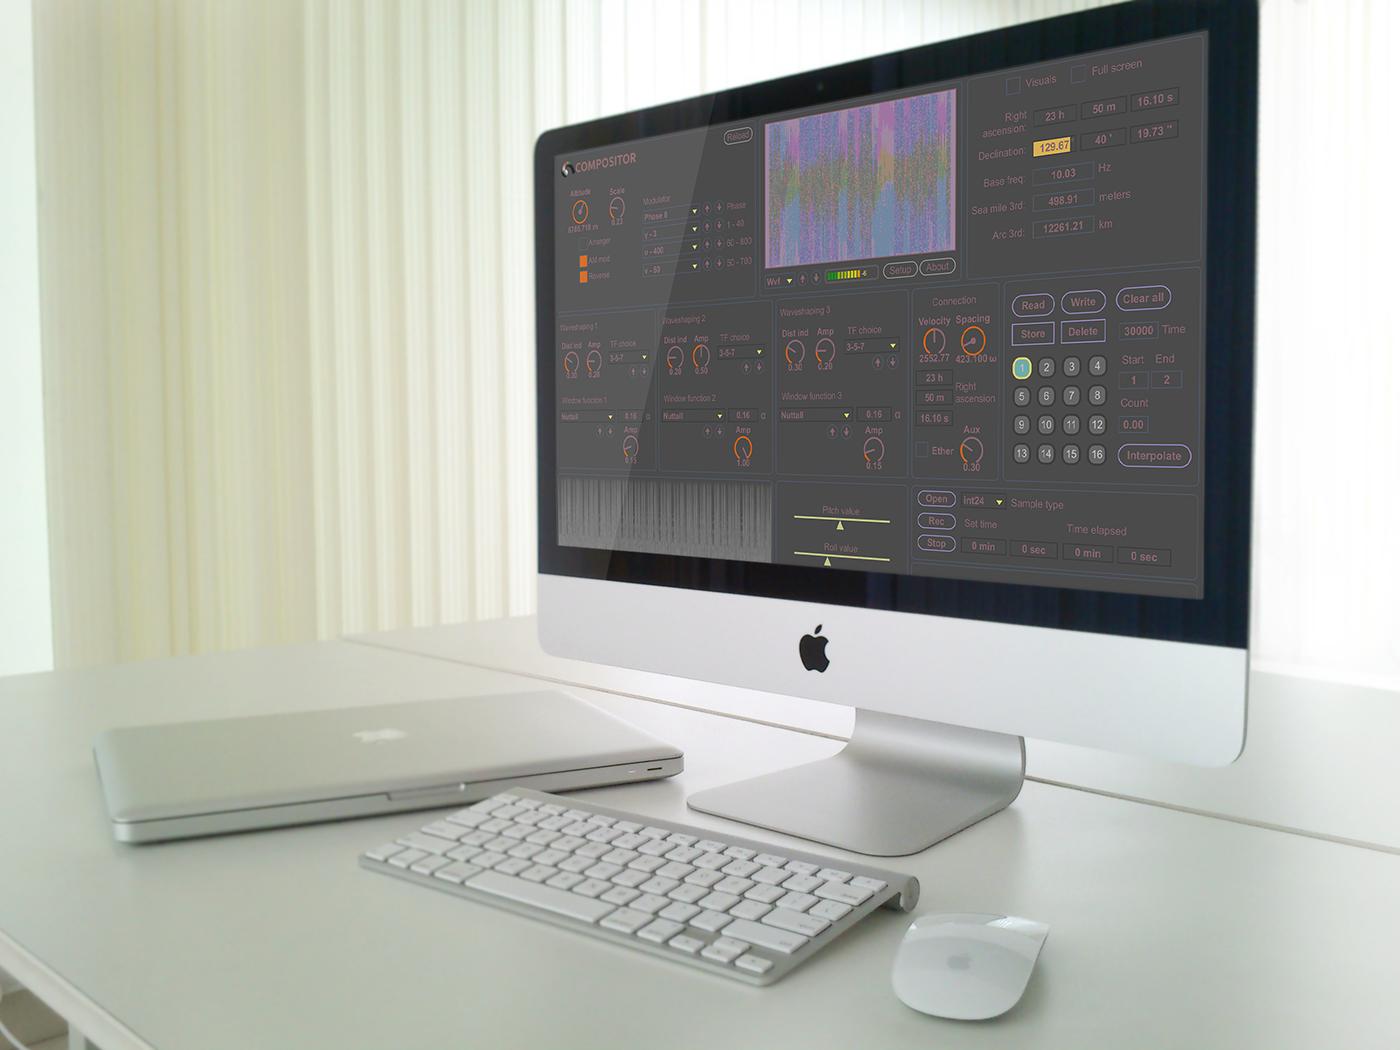 Compositor v9 Hypervisor